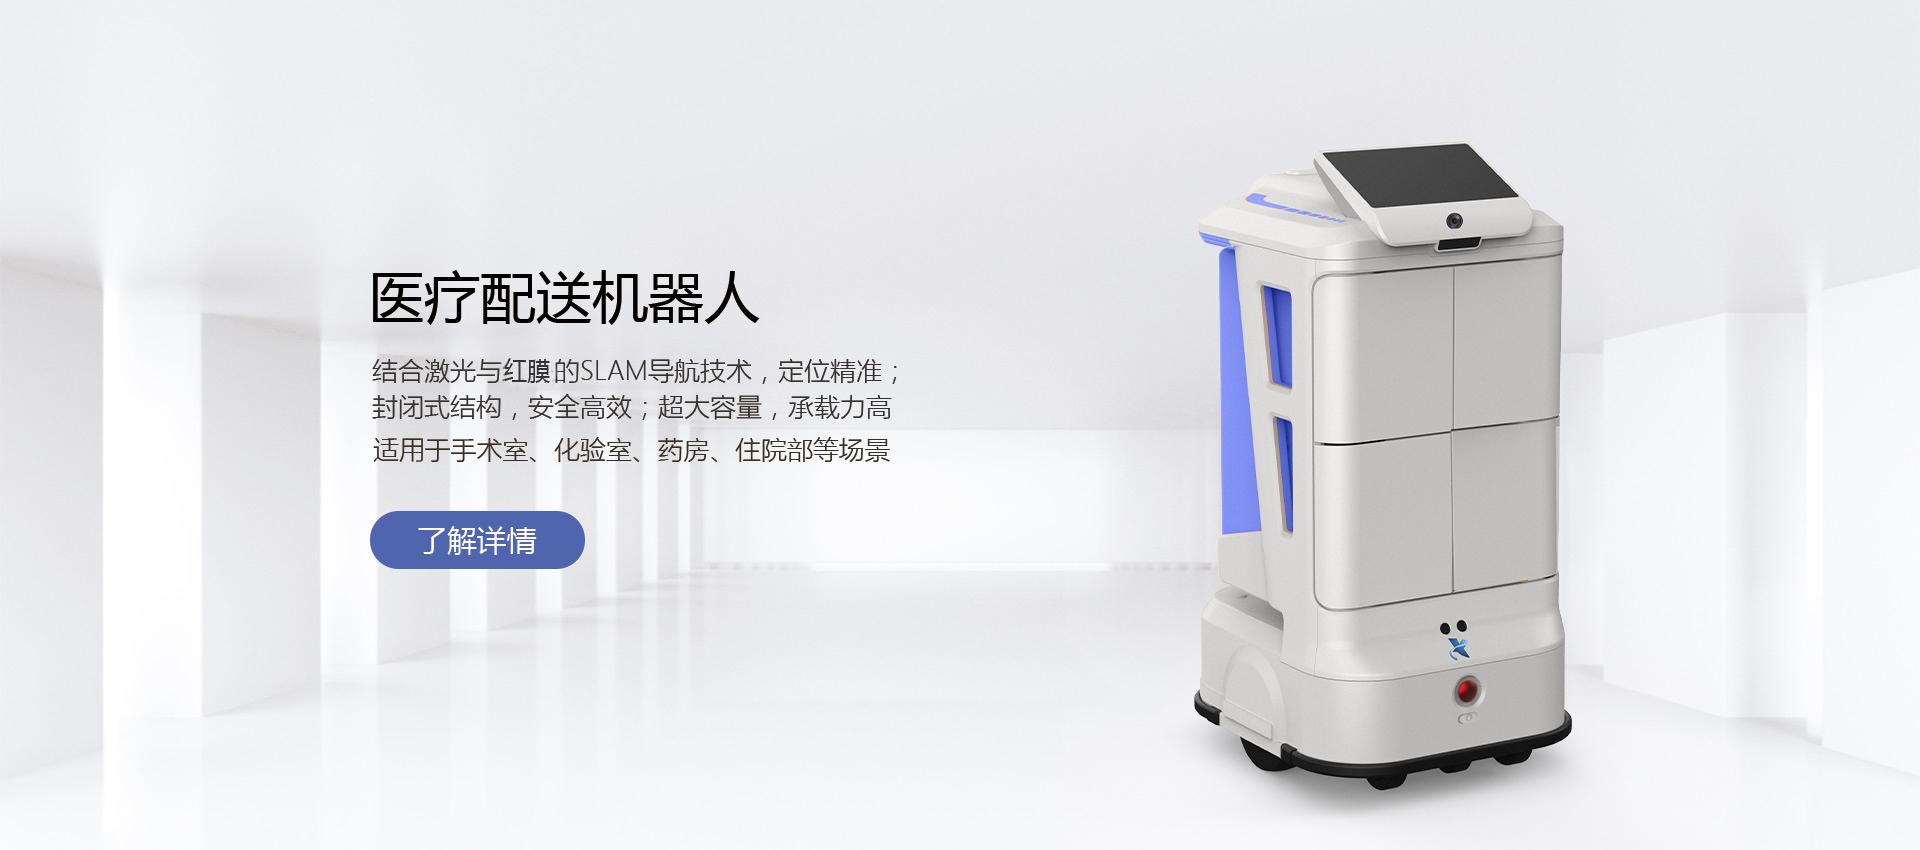 昆山新正源機器人智能科技有限公司公司介紹